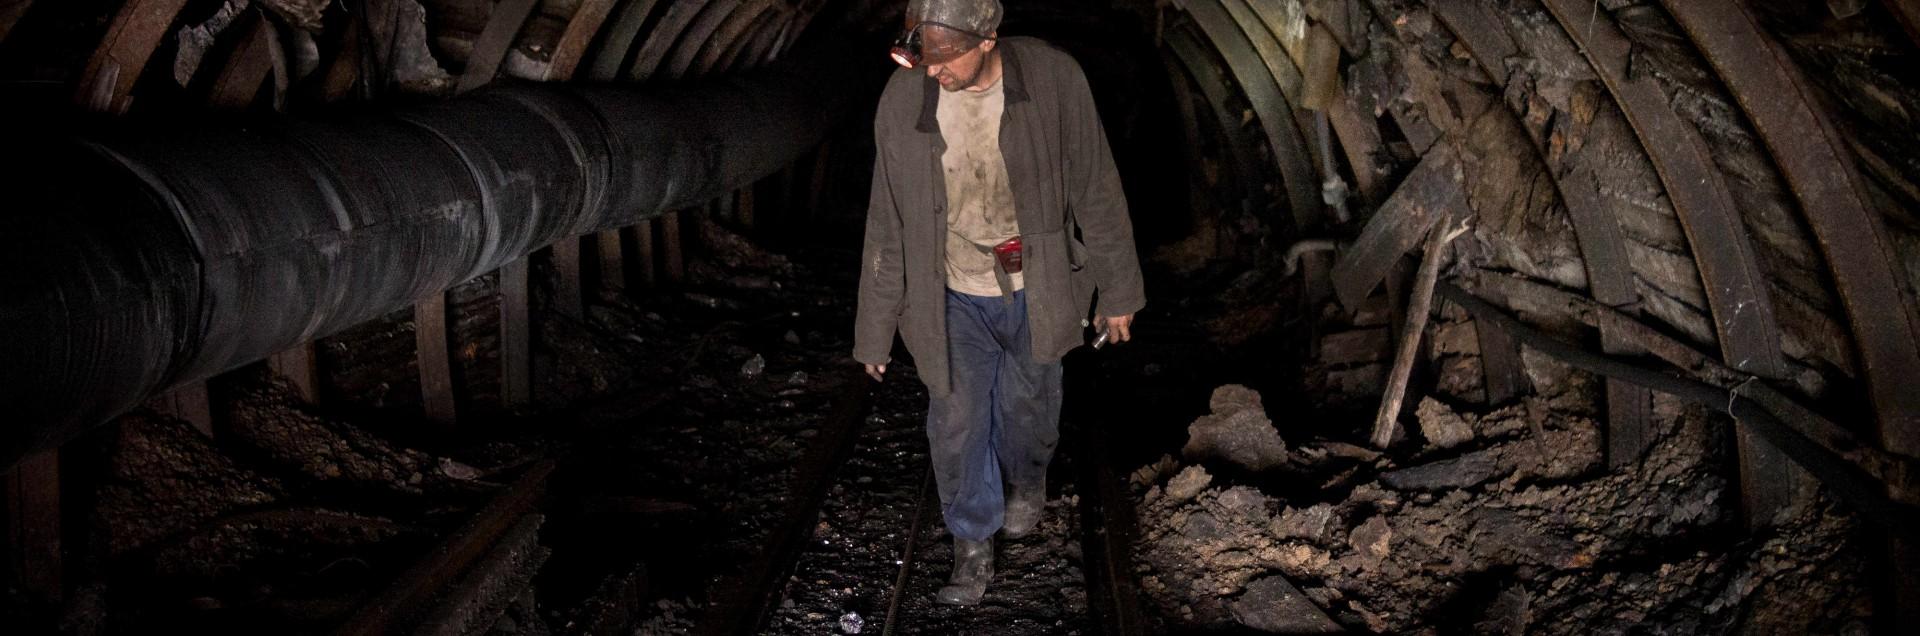 Nelle miniere illegali del Donbass